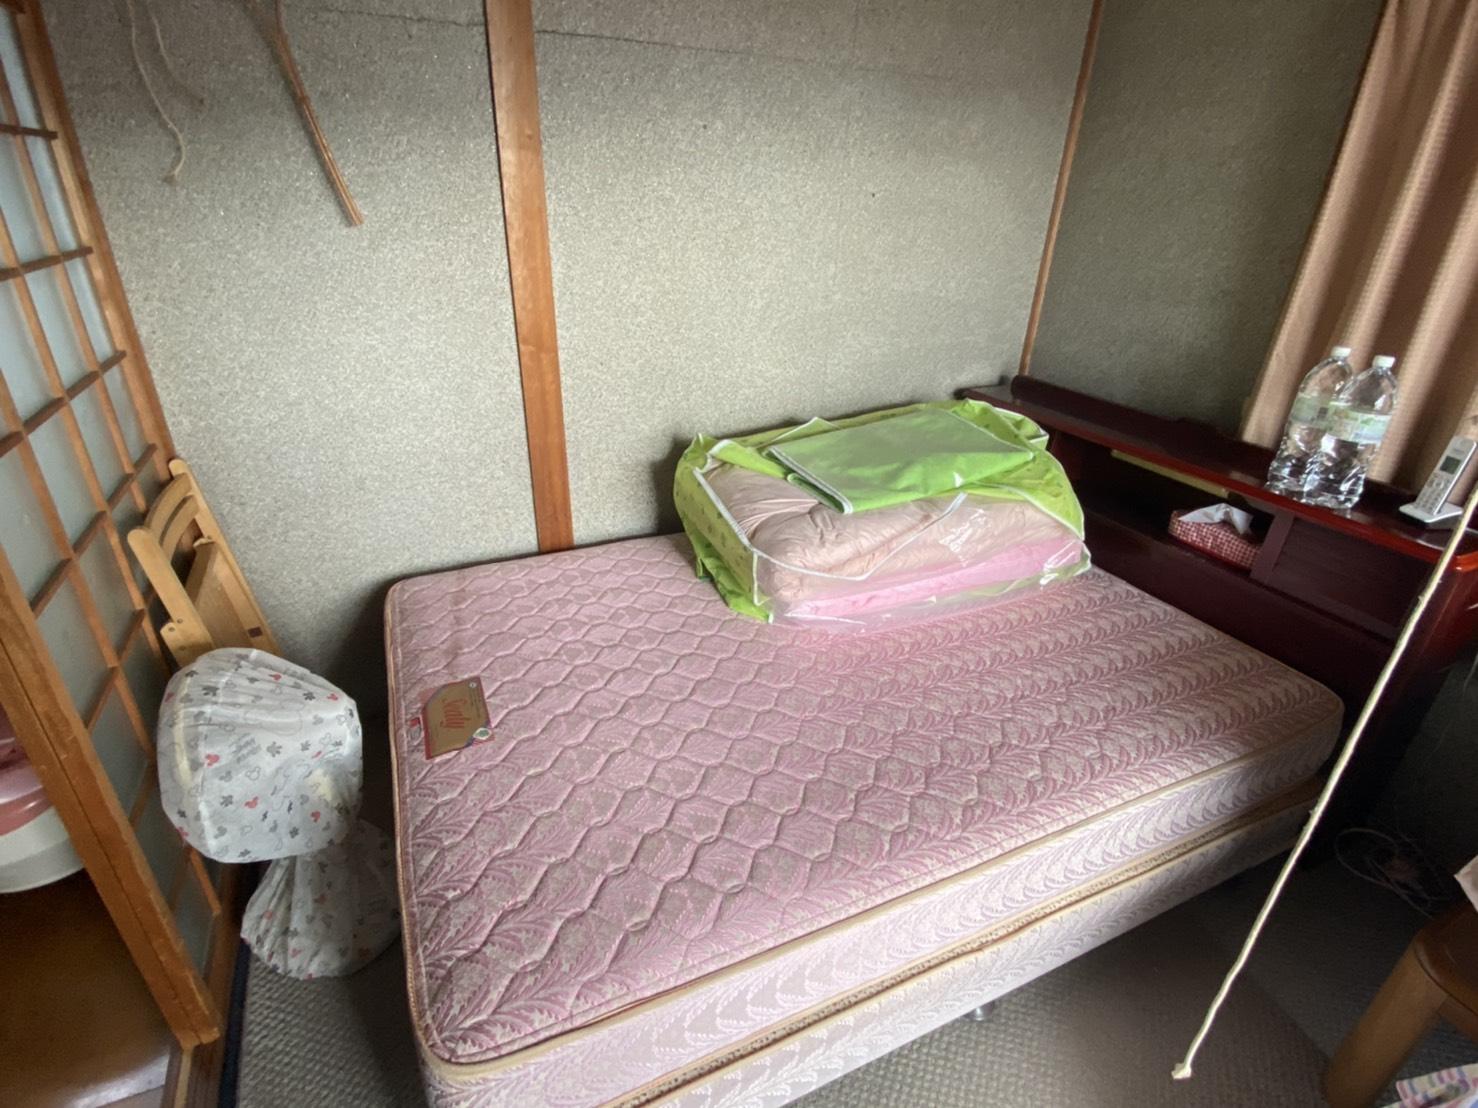 岡山県岡山市のマットレスの回収前